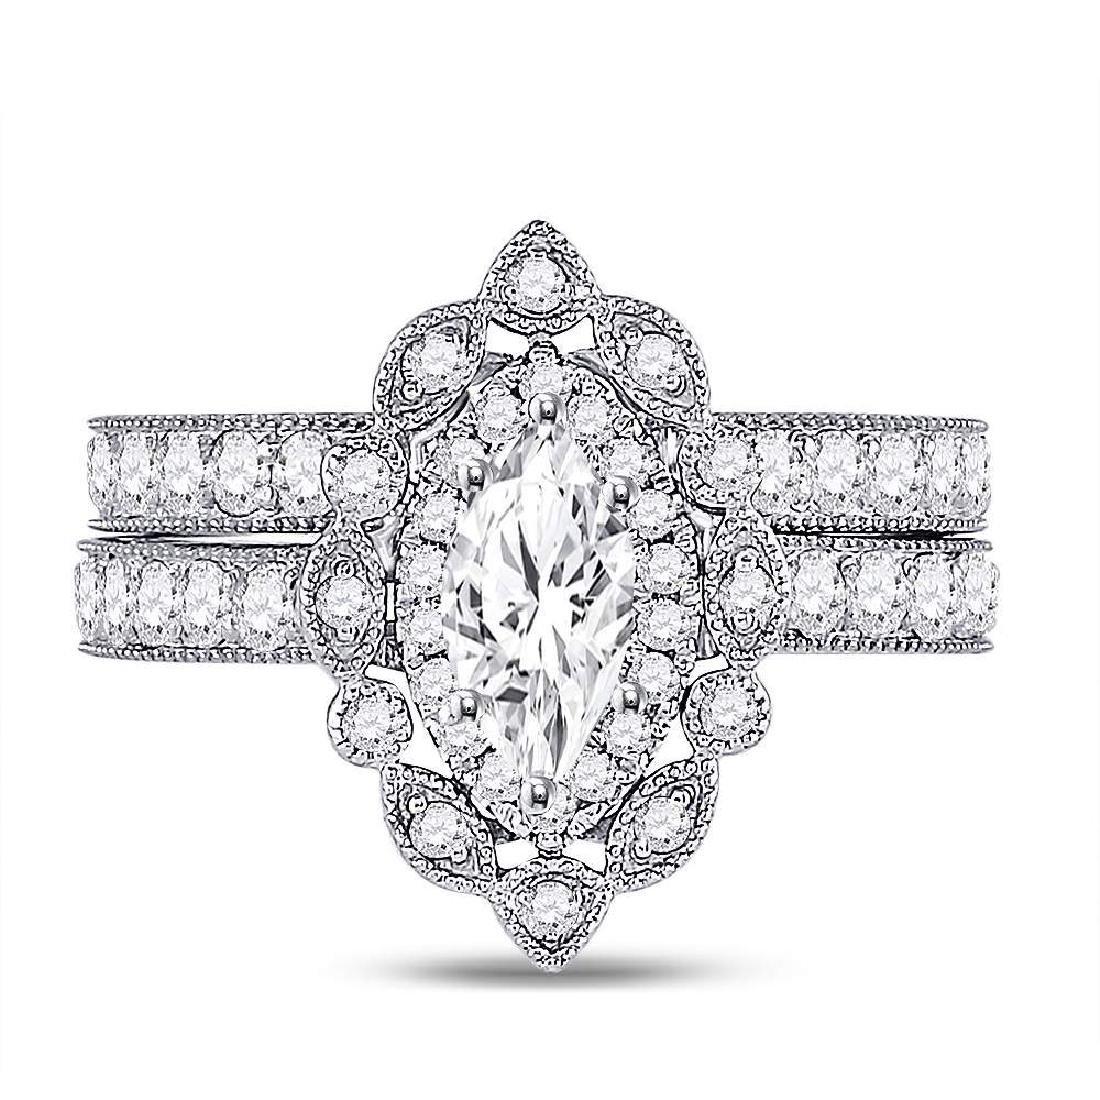 1.99 CTW Diamond Ring 14KT White Gold - REF-511K2W - 2